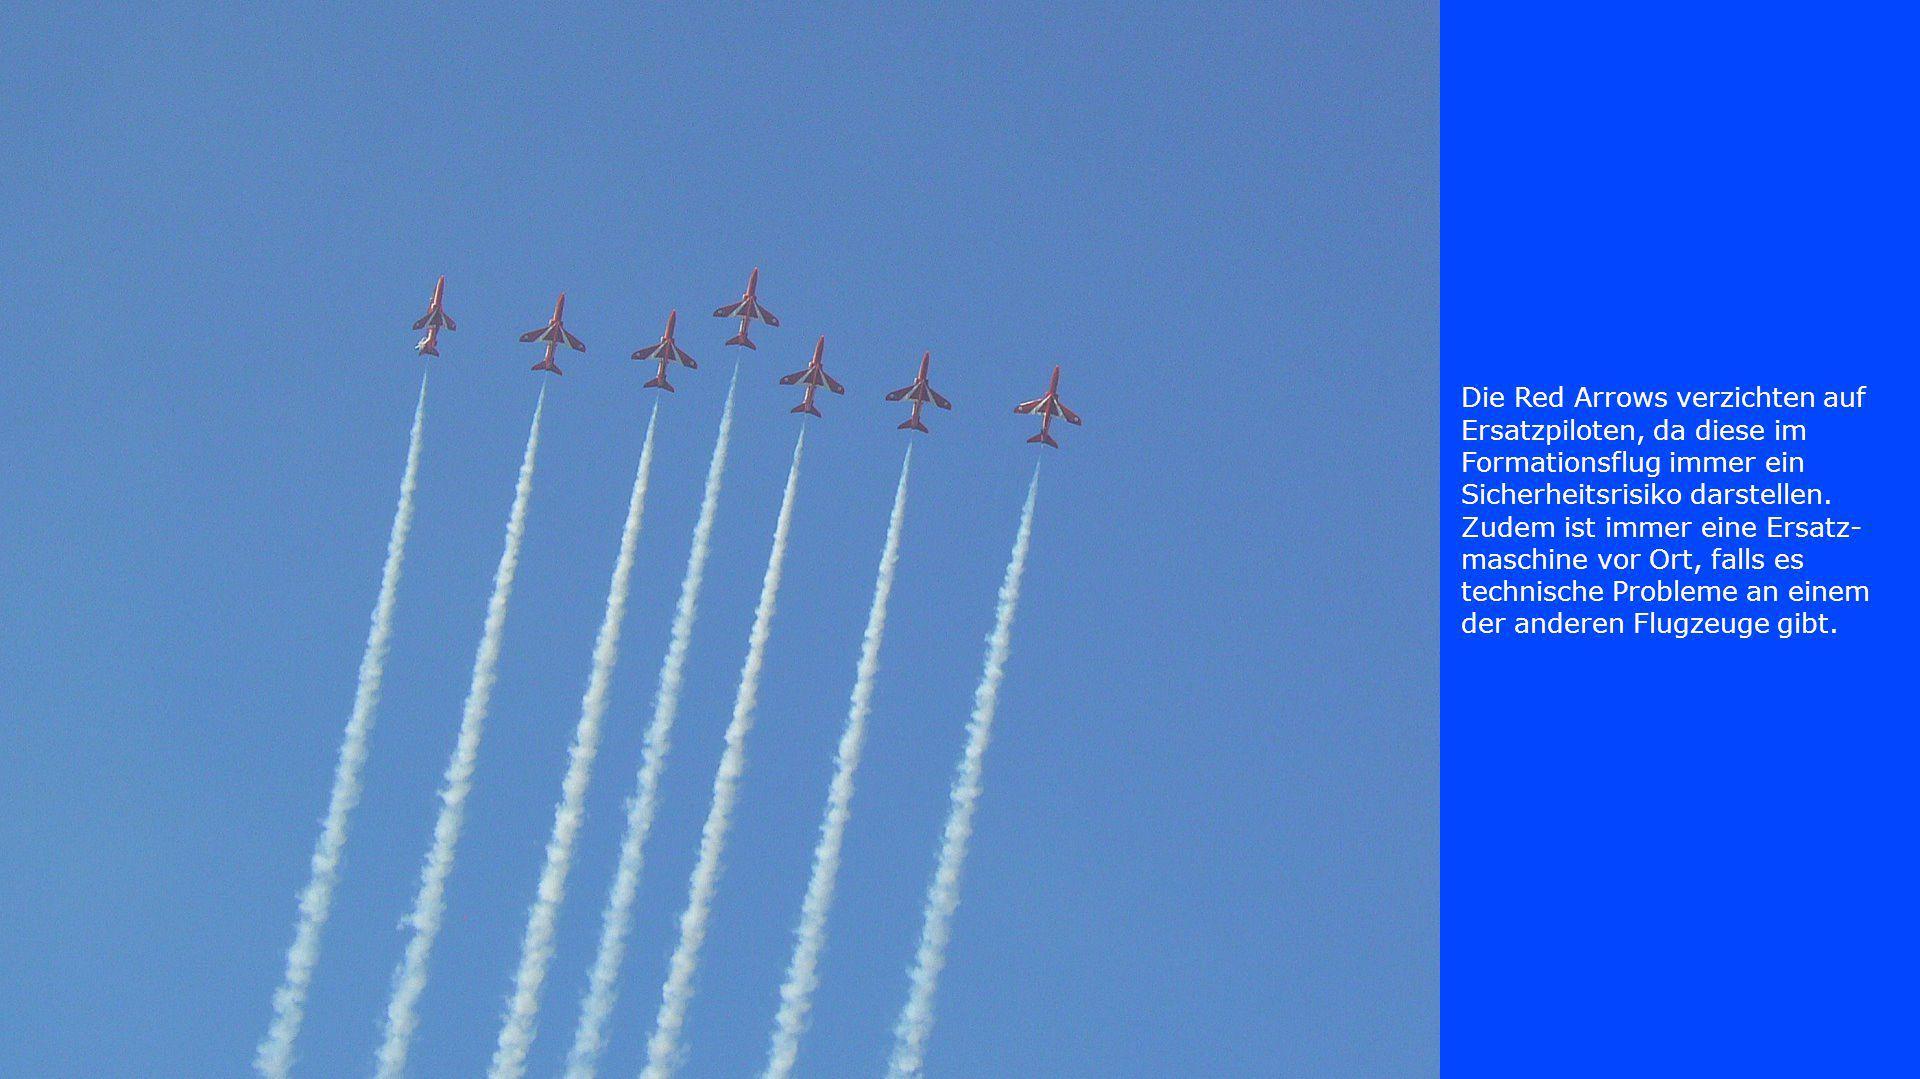 Die Red Arrows verzichten auf Ersatzpiloten, da diese im Formationsflug immer ein Sicherheitsrisiko darstellen.